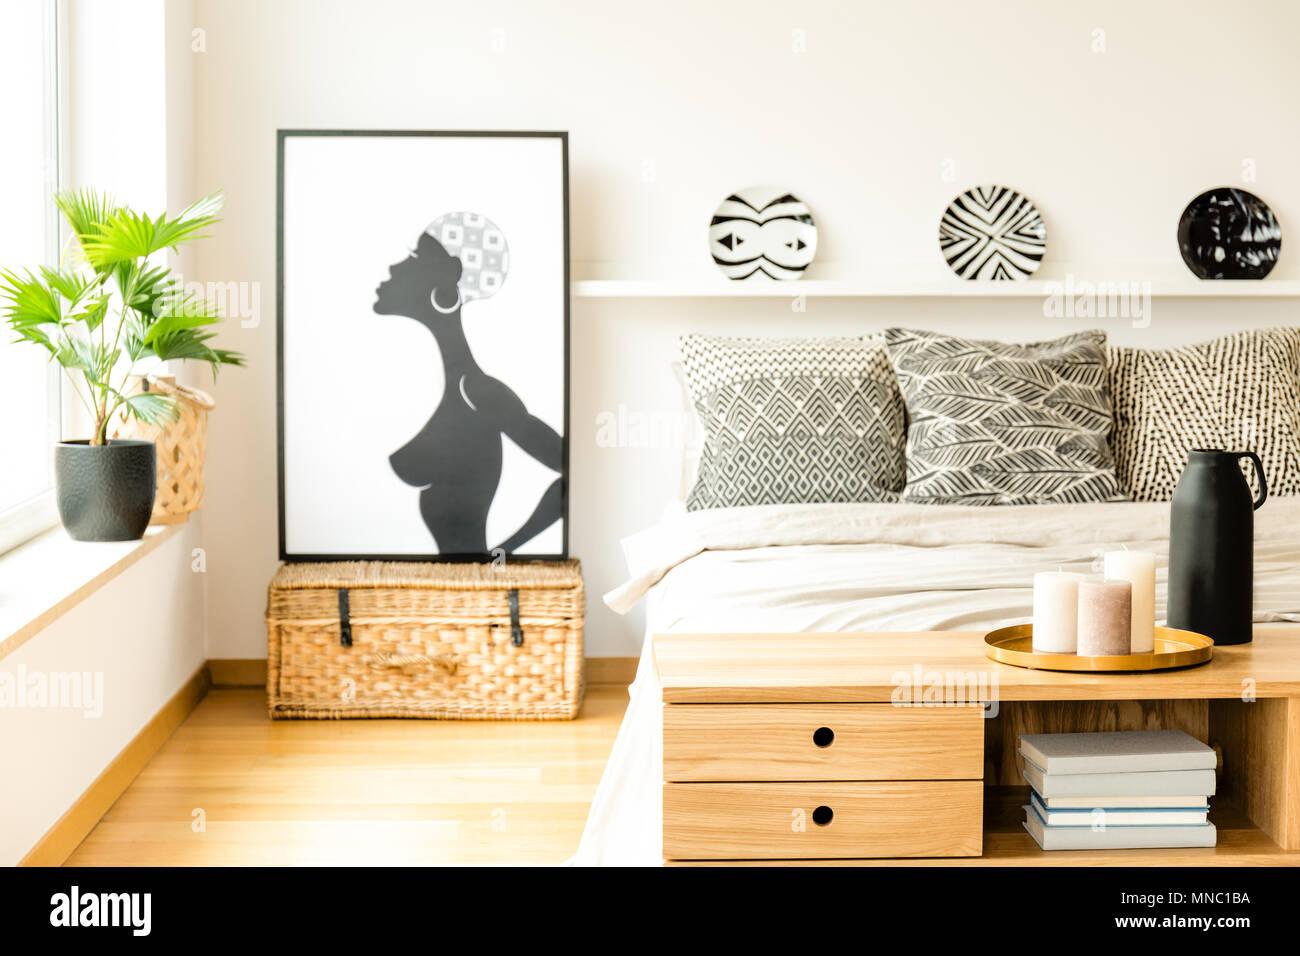 schlafzimmer kerzen, kerzen am holzschrank in gemütlichen schlafzimmer innenraum mit, Design ideen